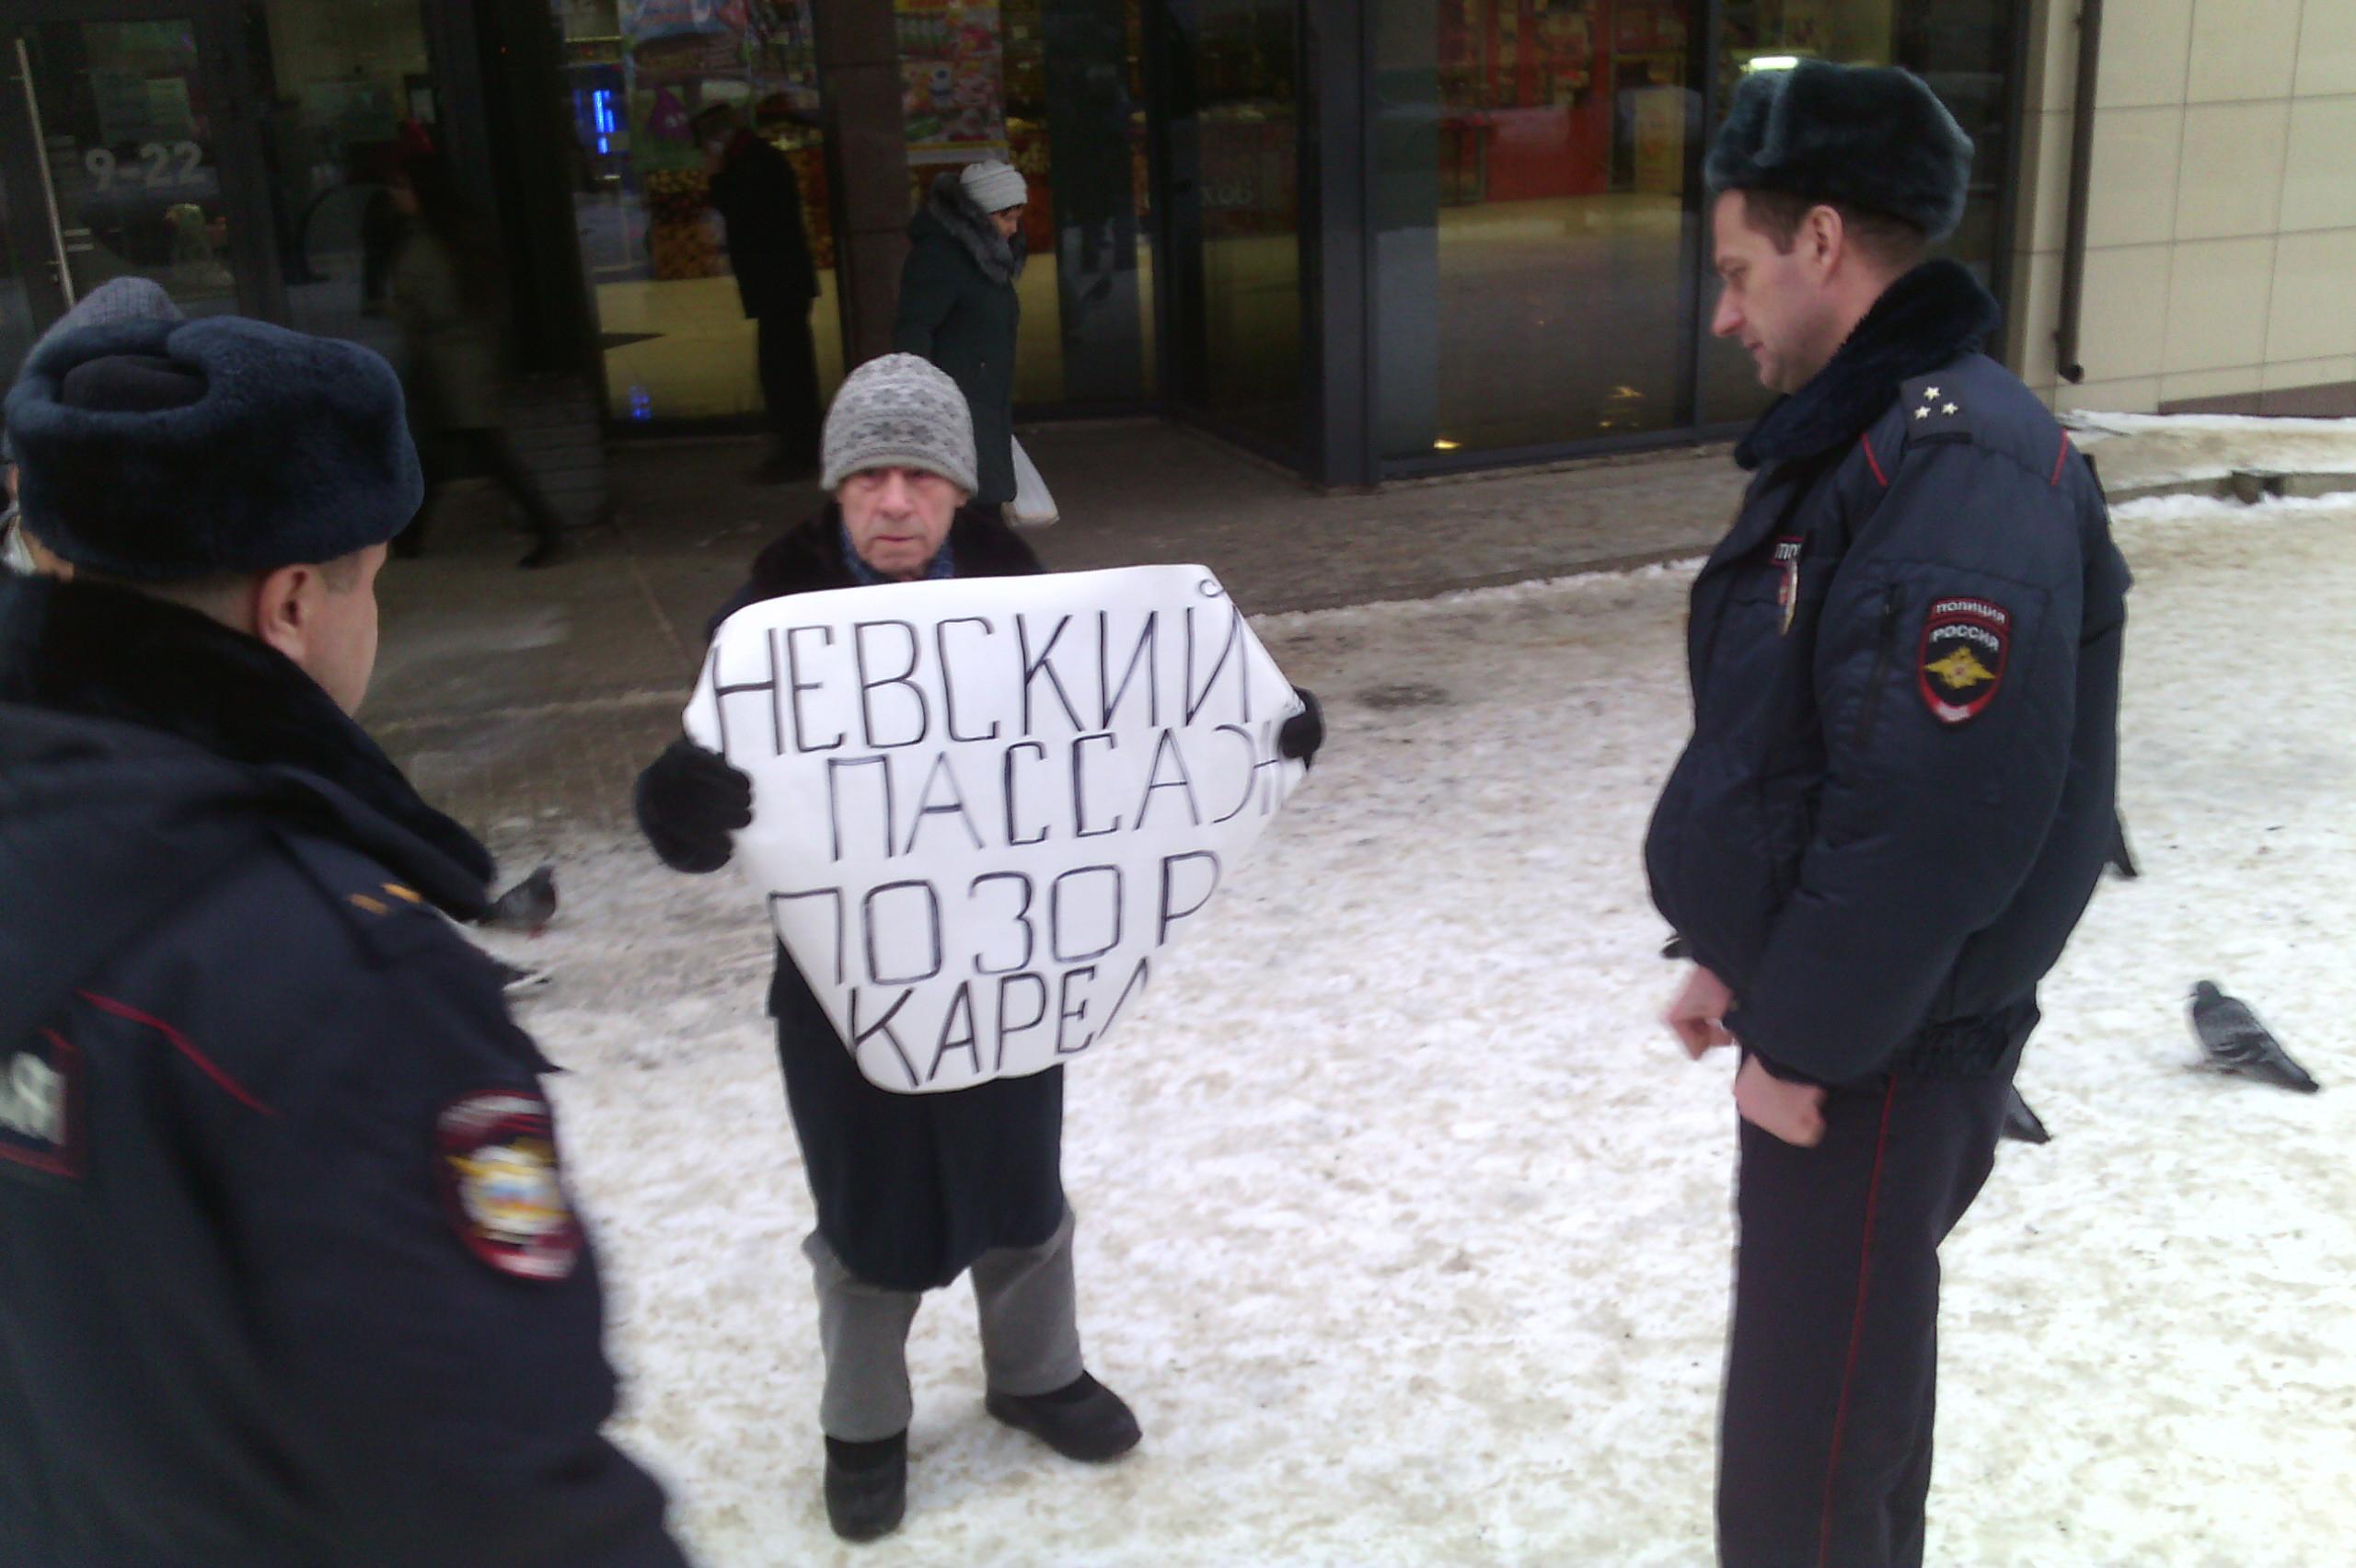 Не успел ветеран развернуть свой плакат, как к нему тут же подошли полицейские. Фото: Валерий Поташов